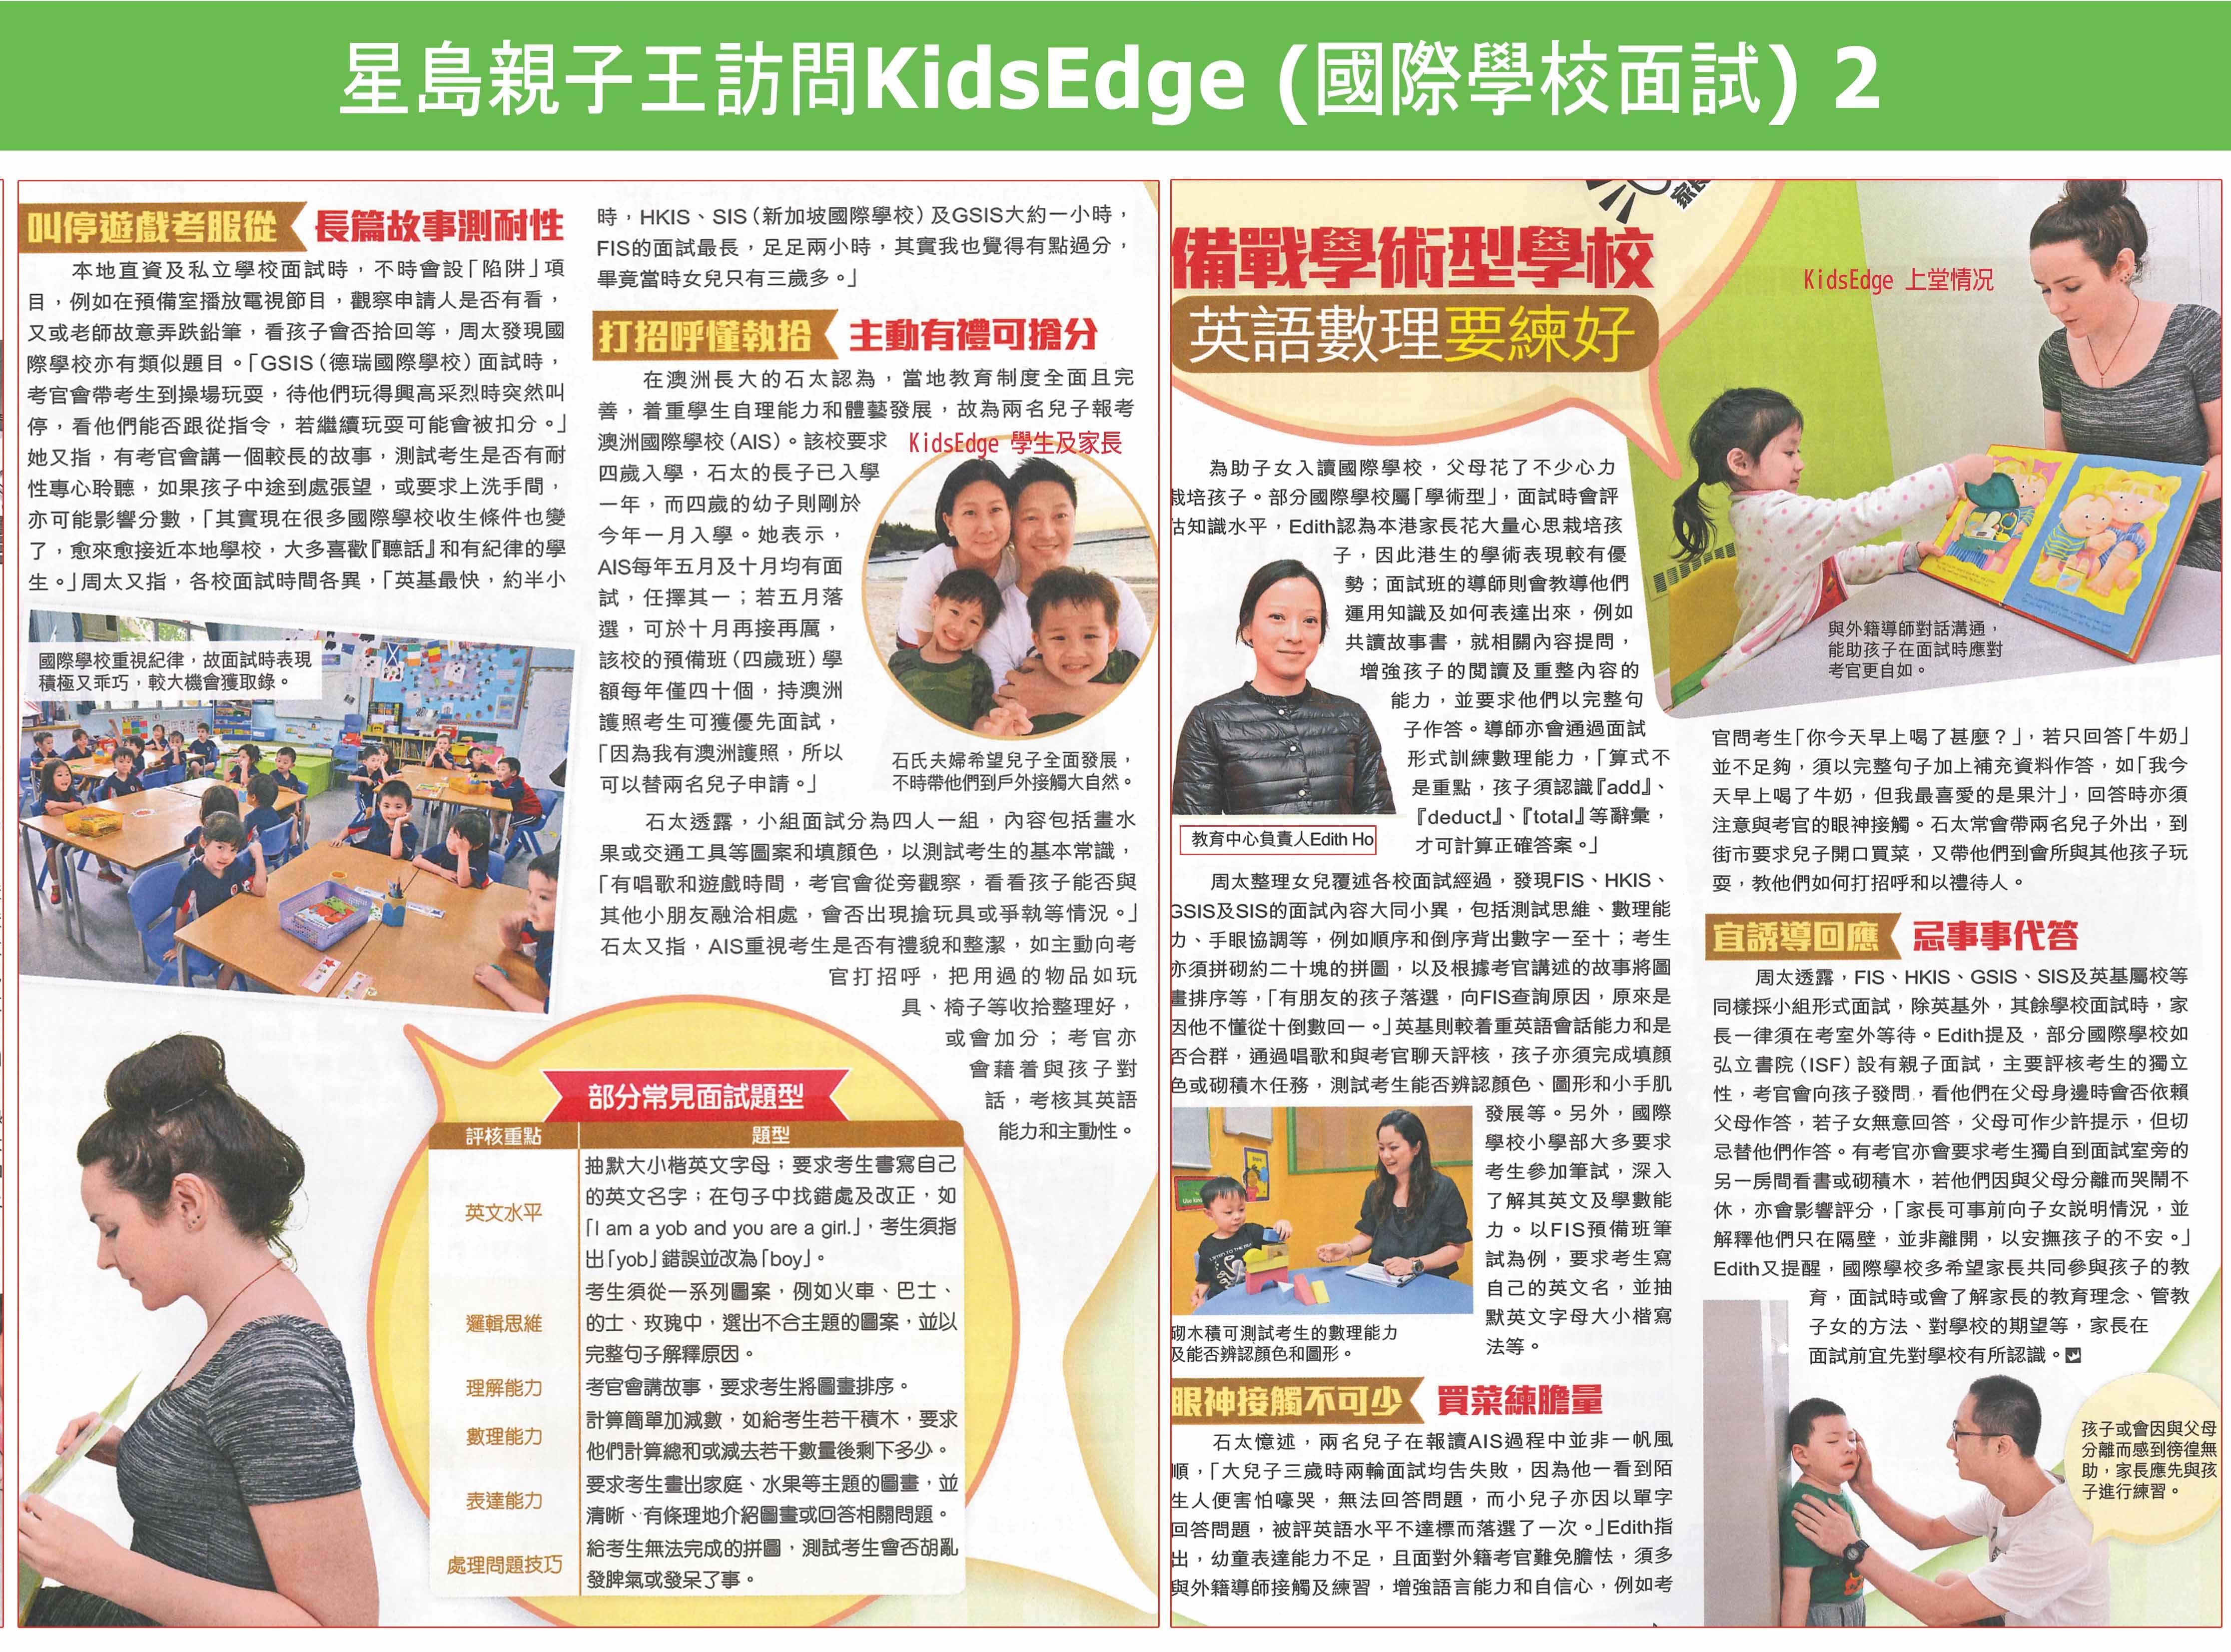 March 2016 - Singtao Interviewed KidsEdge Min2